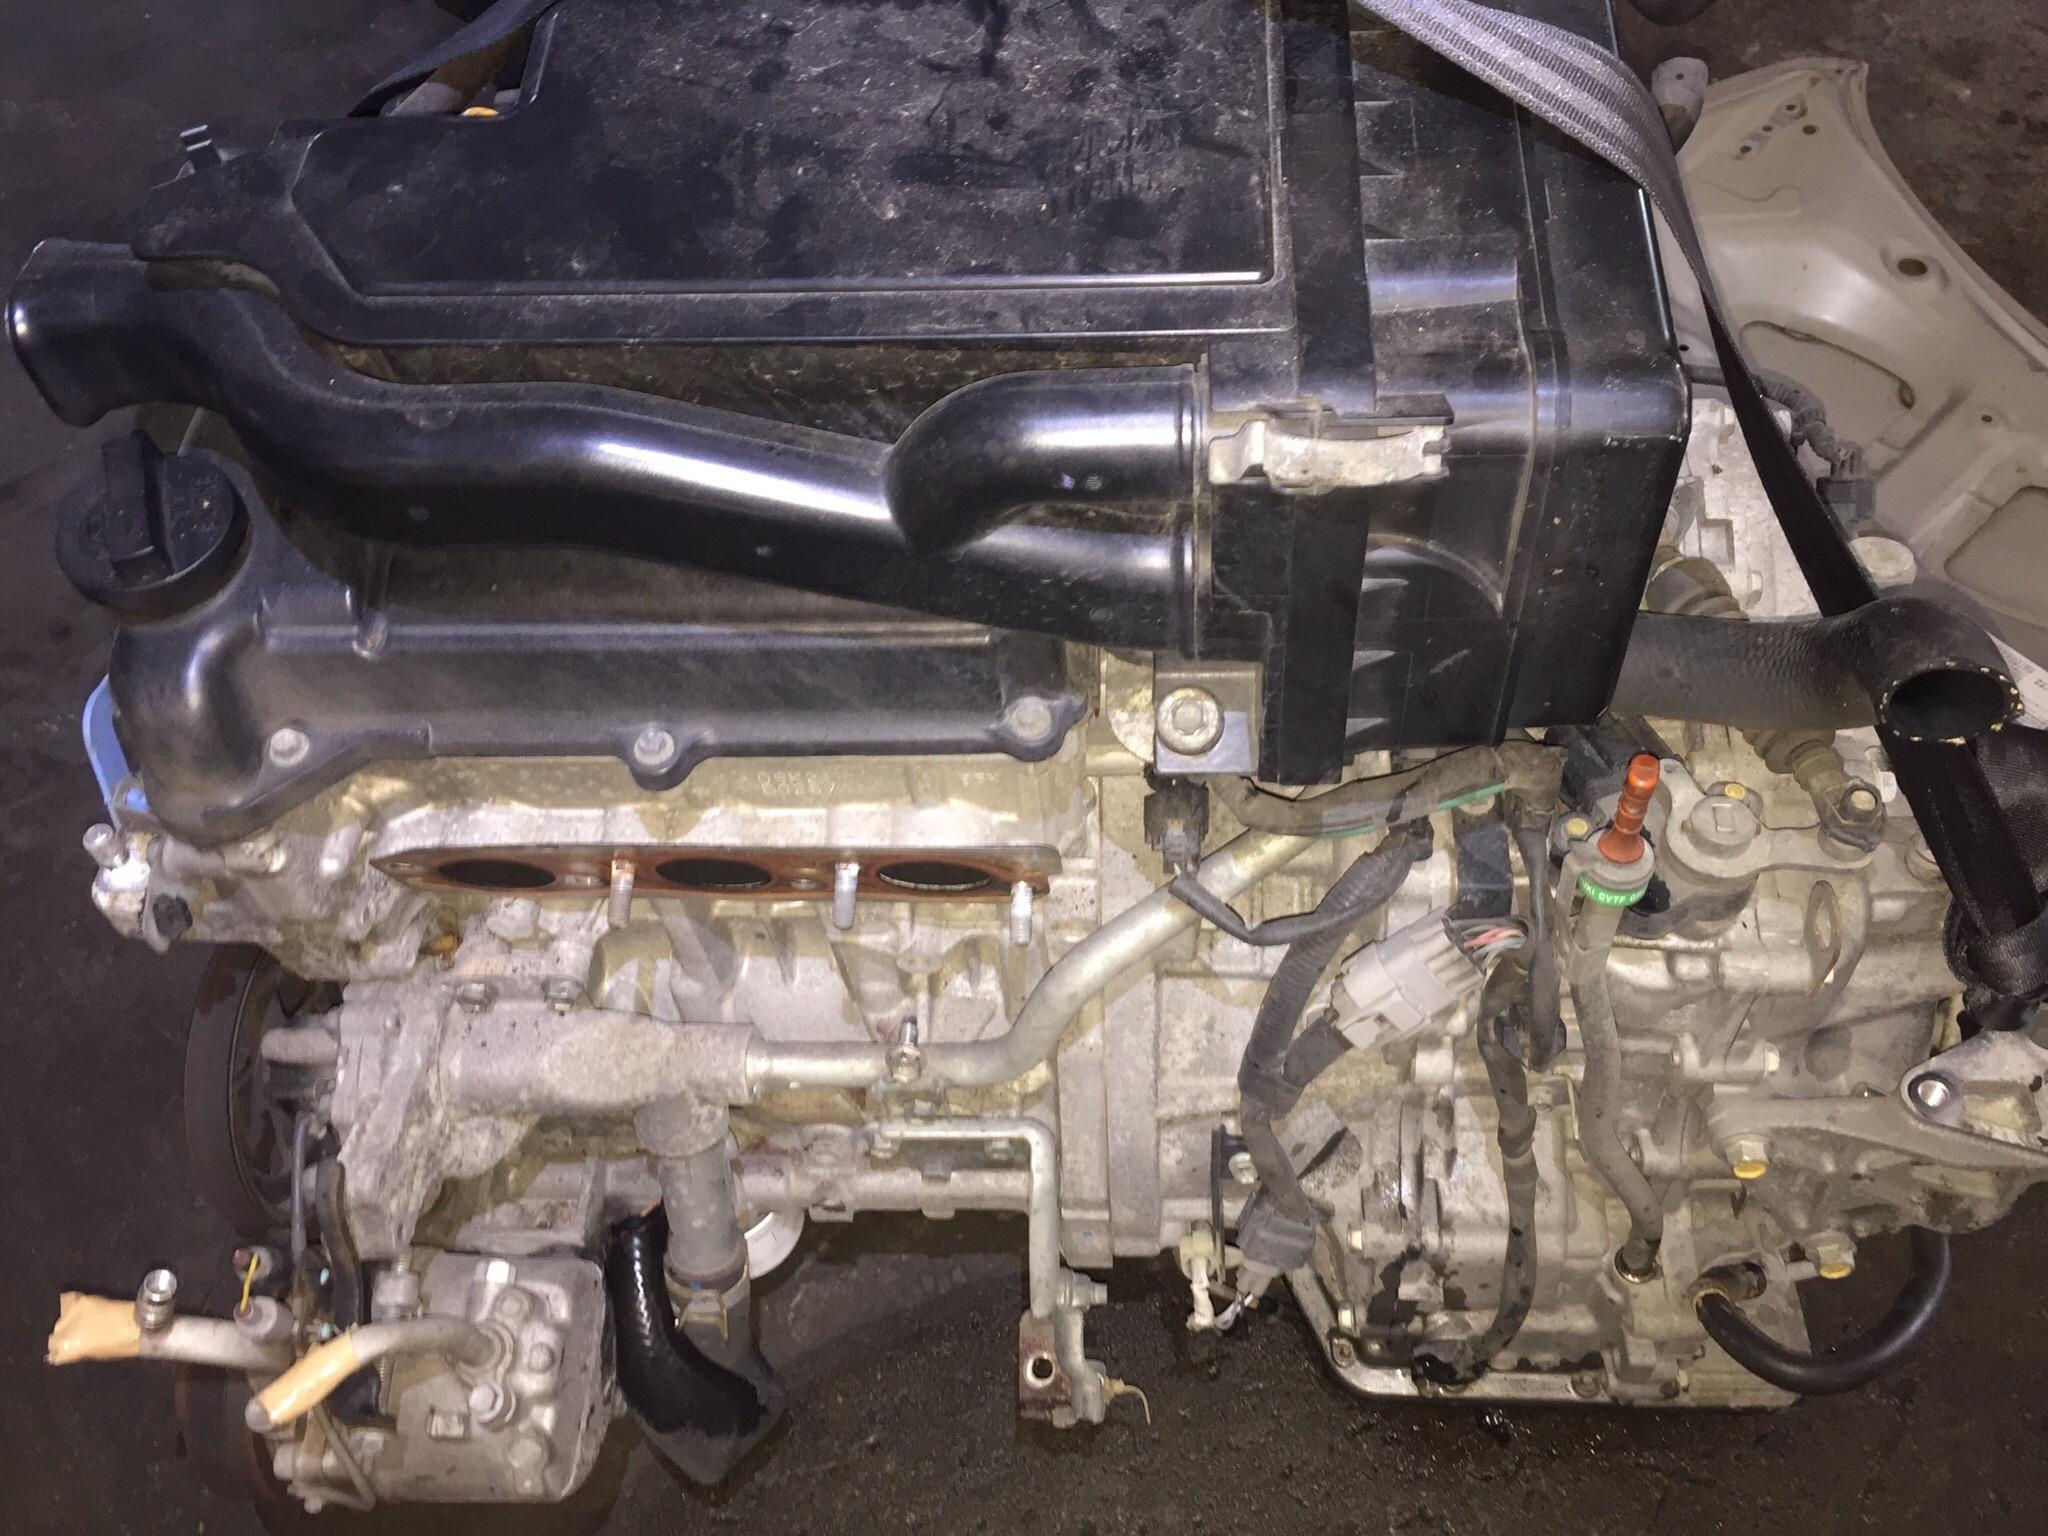 エンジン&トランスミッション - ワゴンR  Ref:SP281347_1     2/4